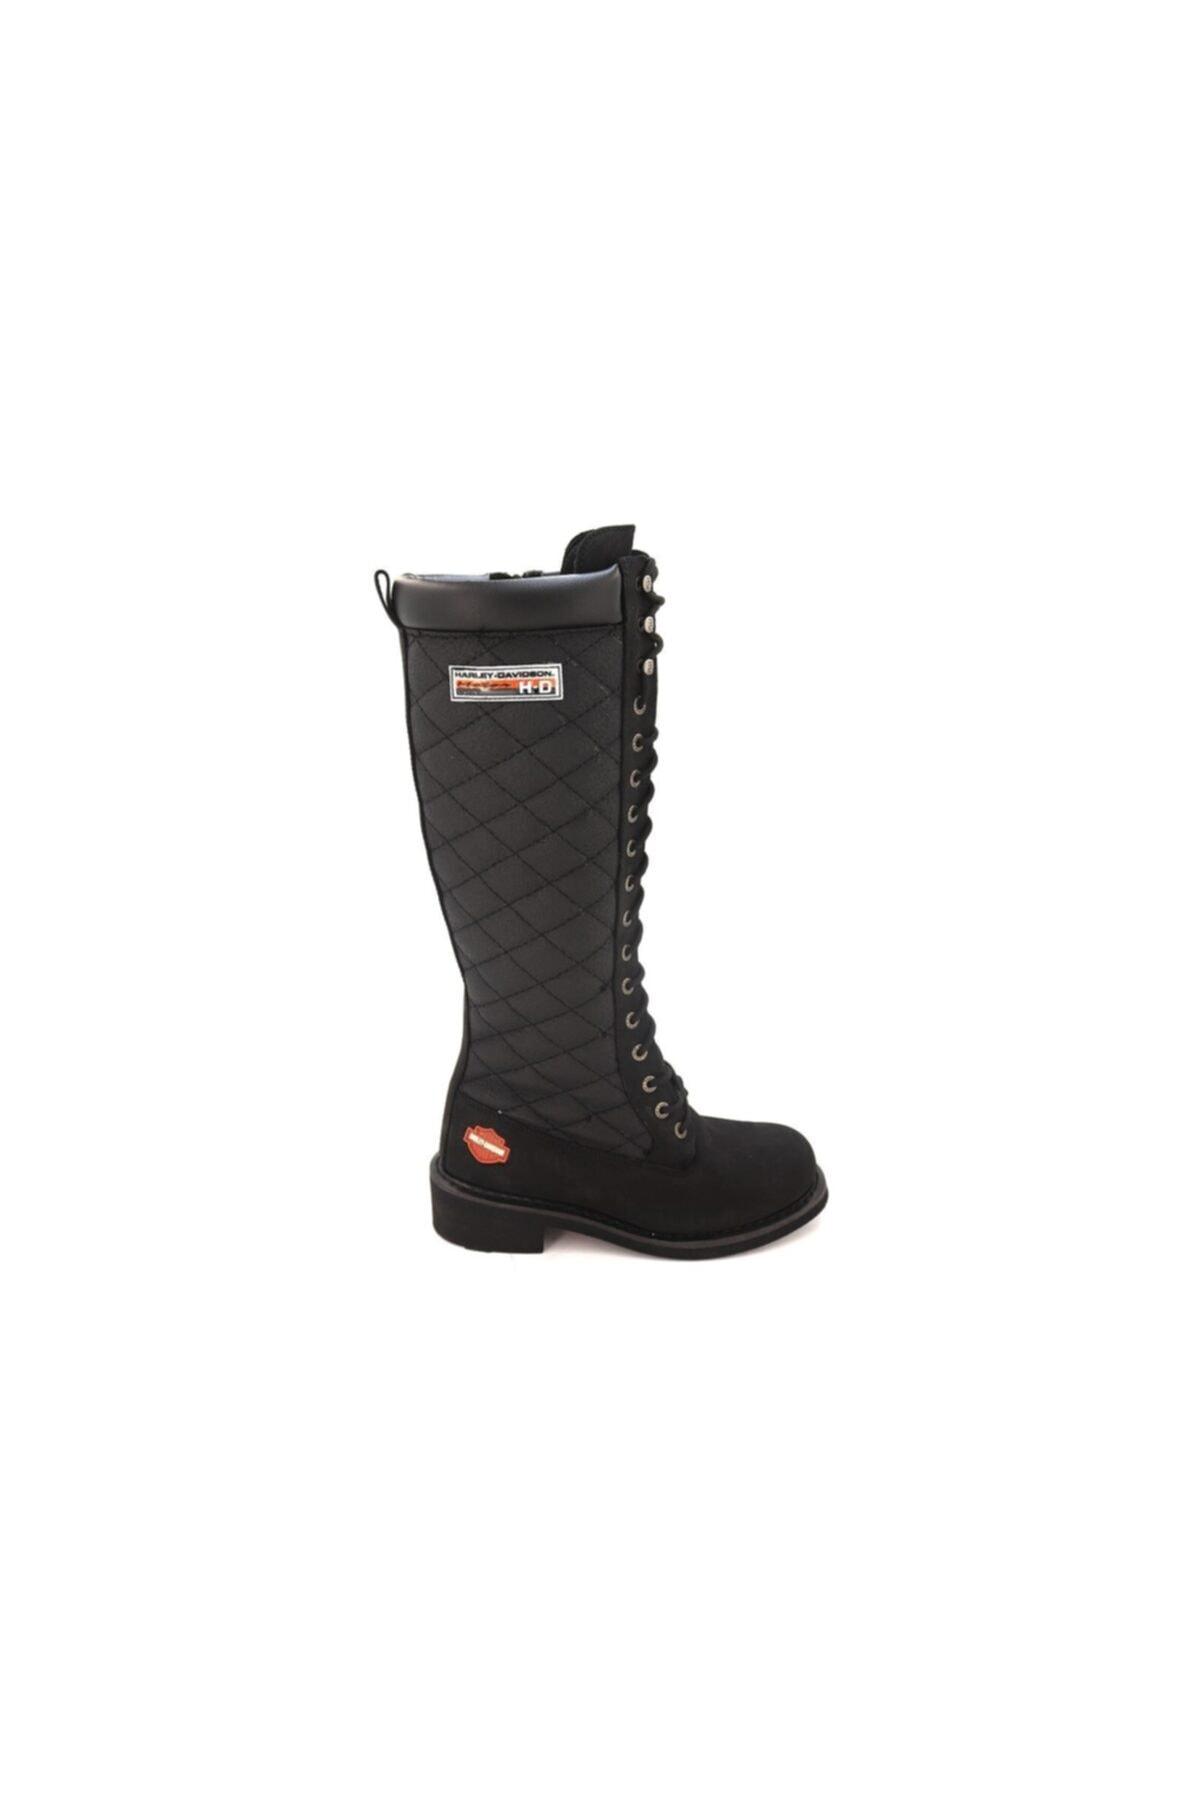 Harley Davidson Kadın Siyah Nubuk  Çizme 1